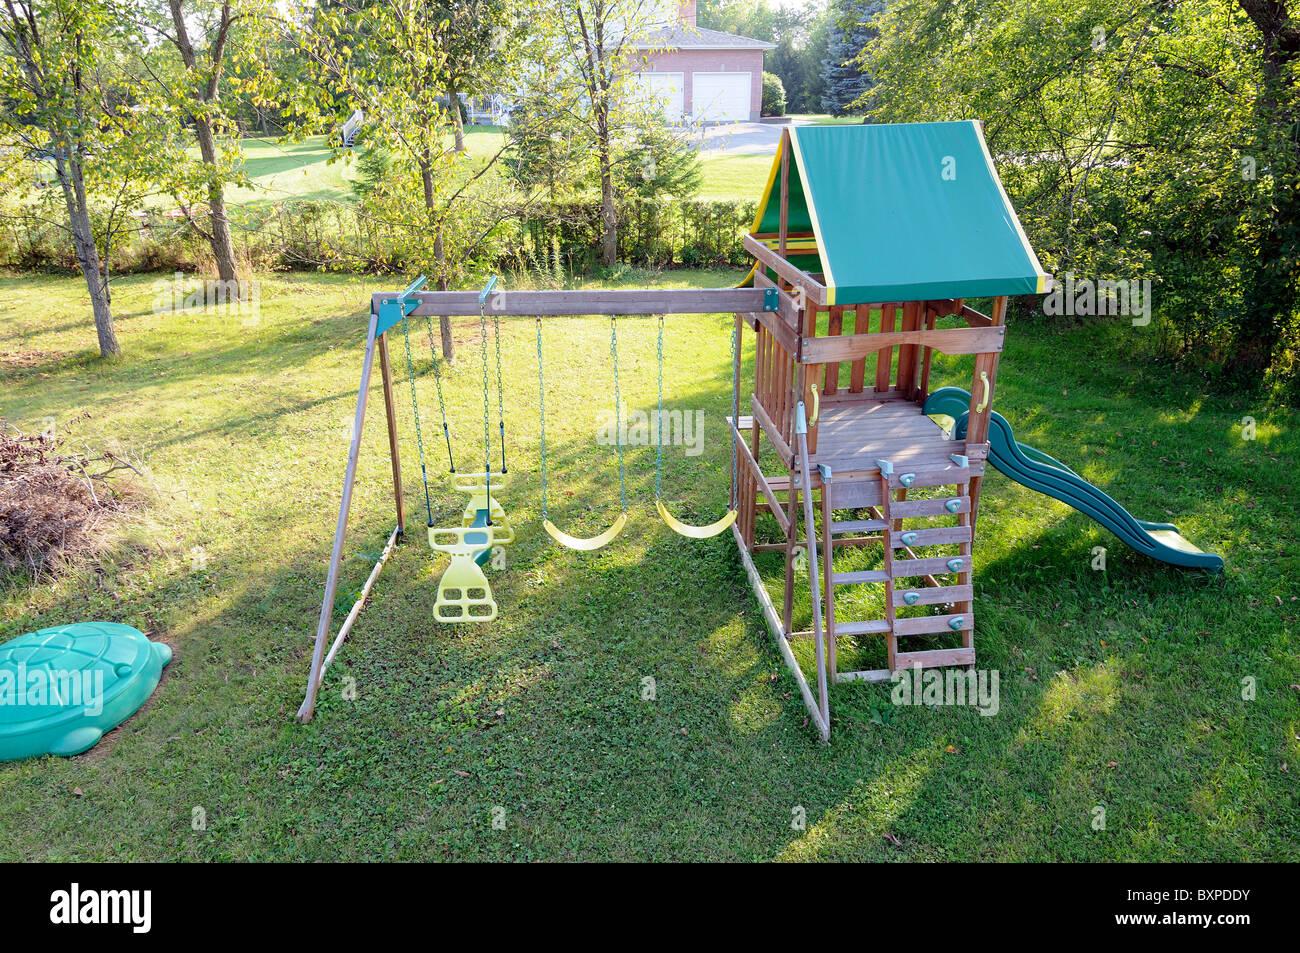 Estructura De Juegos Infantiles Con Columpios En El Jardin De Una - Casa-de-juegos-infantiles